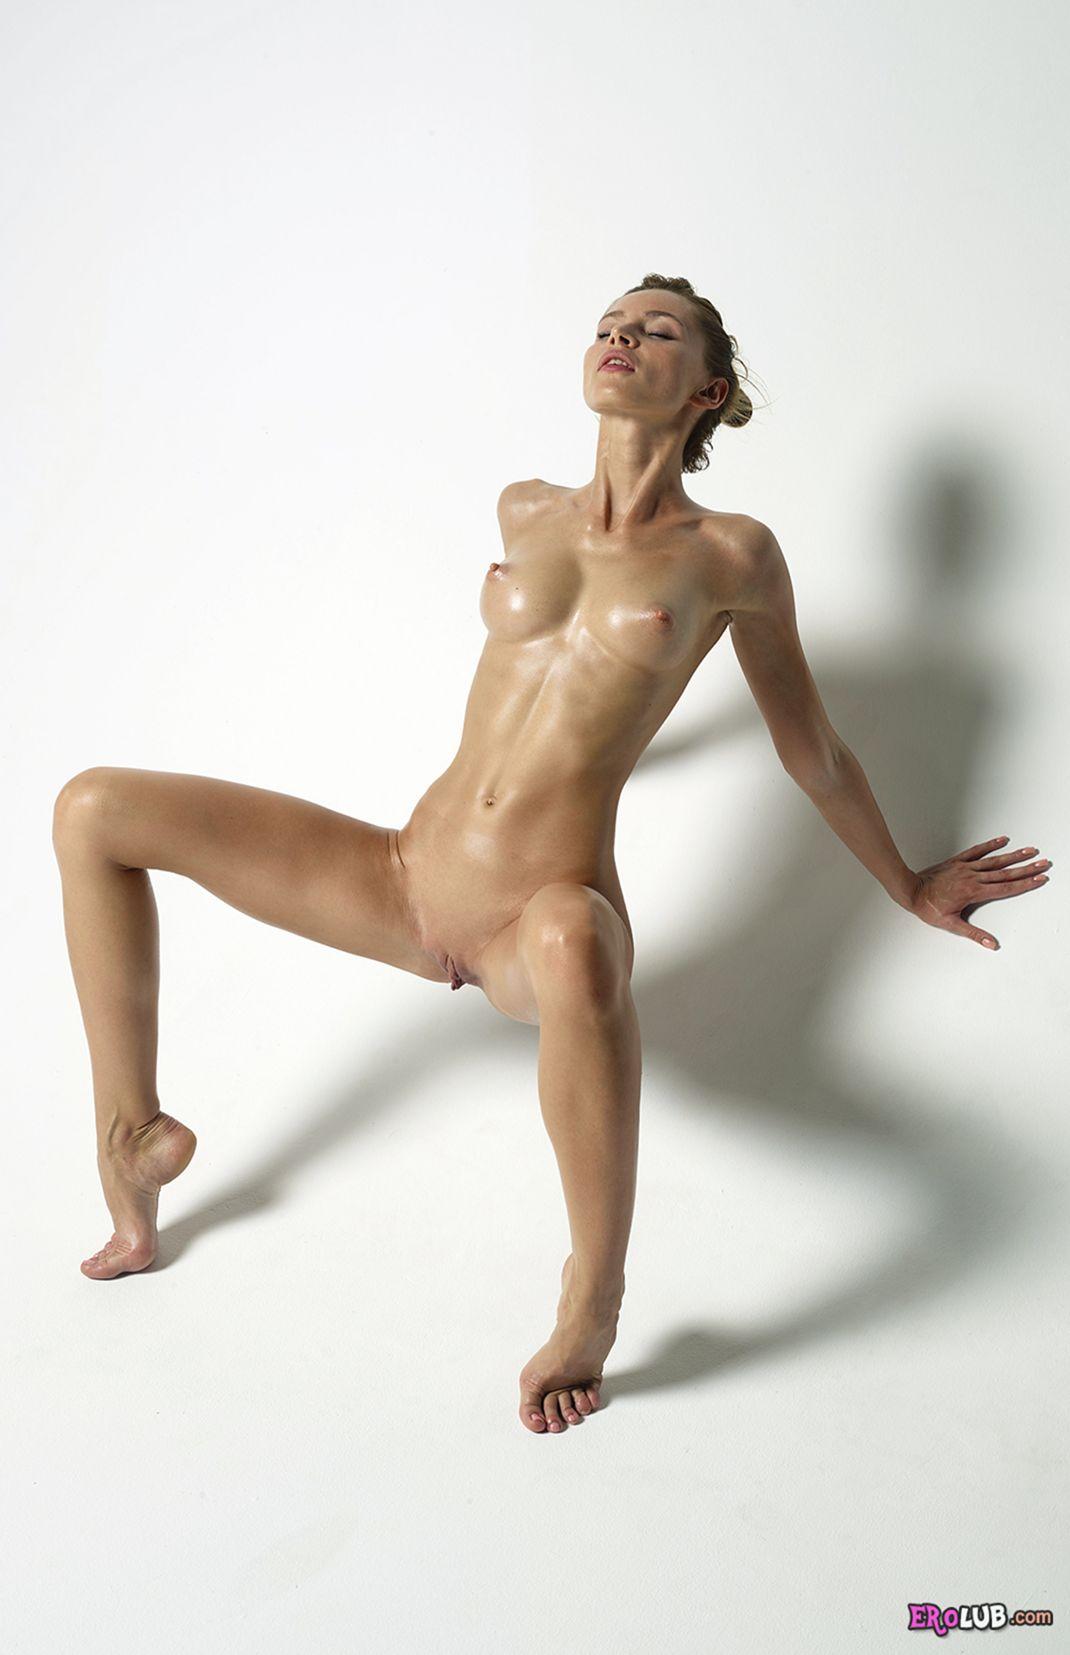 фото девушек с голенькими ножками на весь экран